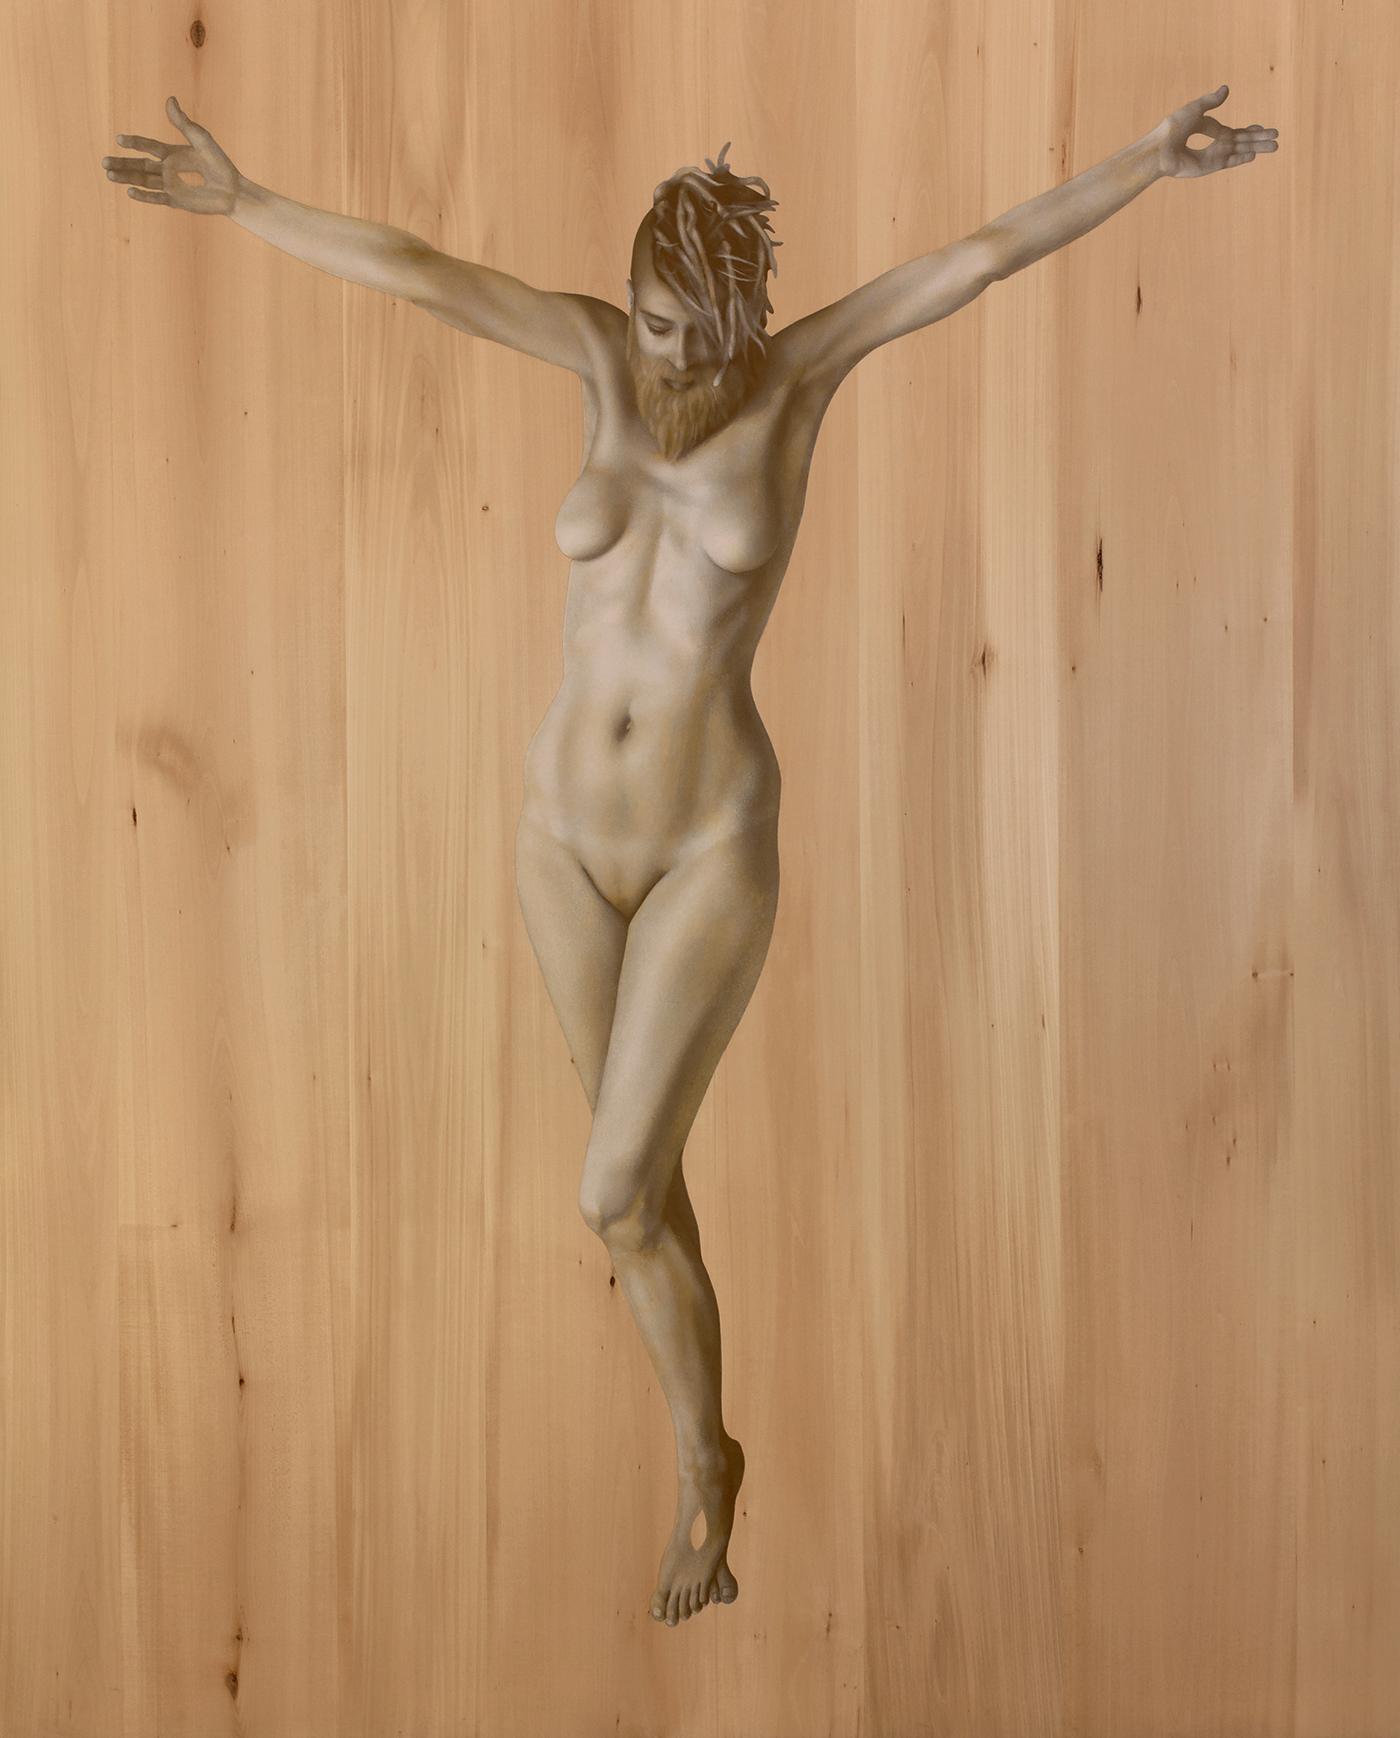 Kle Mens, Kummernis, olej nadesce, 180 x 146 cm, 2016